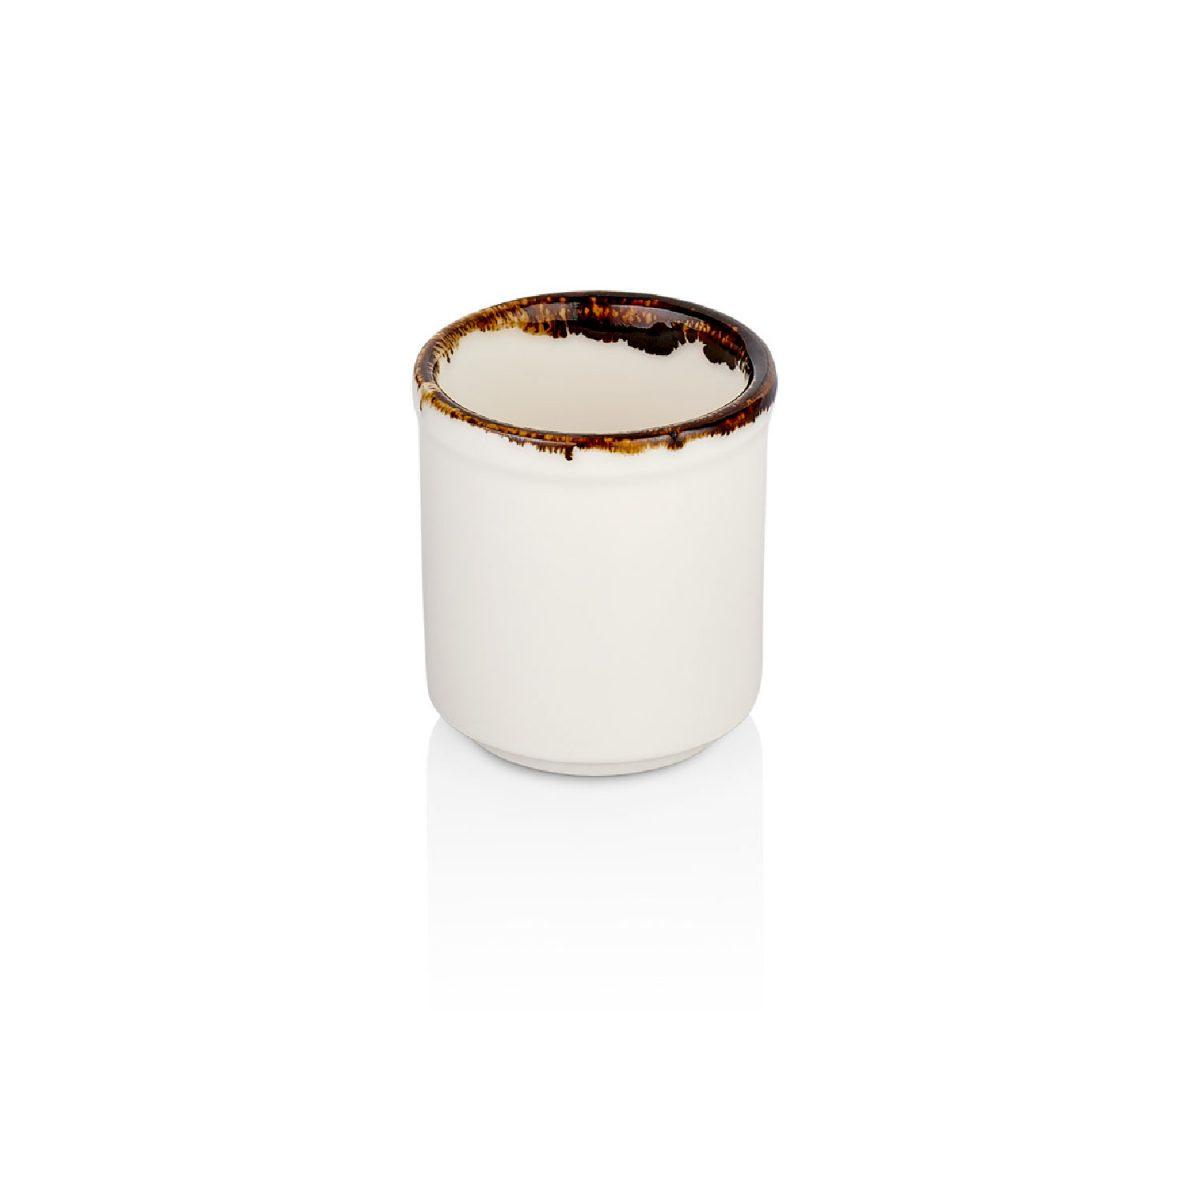 Gleam Gastro Kürdanlık - 24'lü Kutu Fiyatıdır.